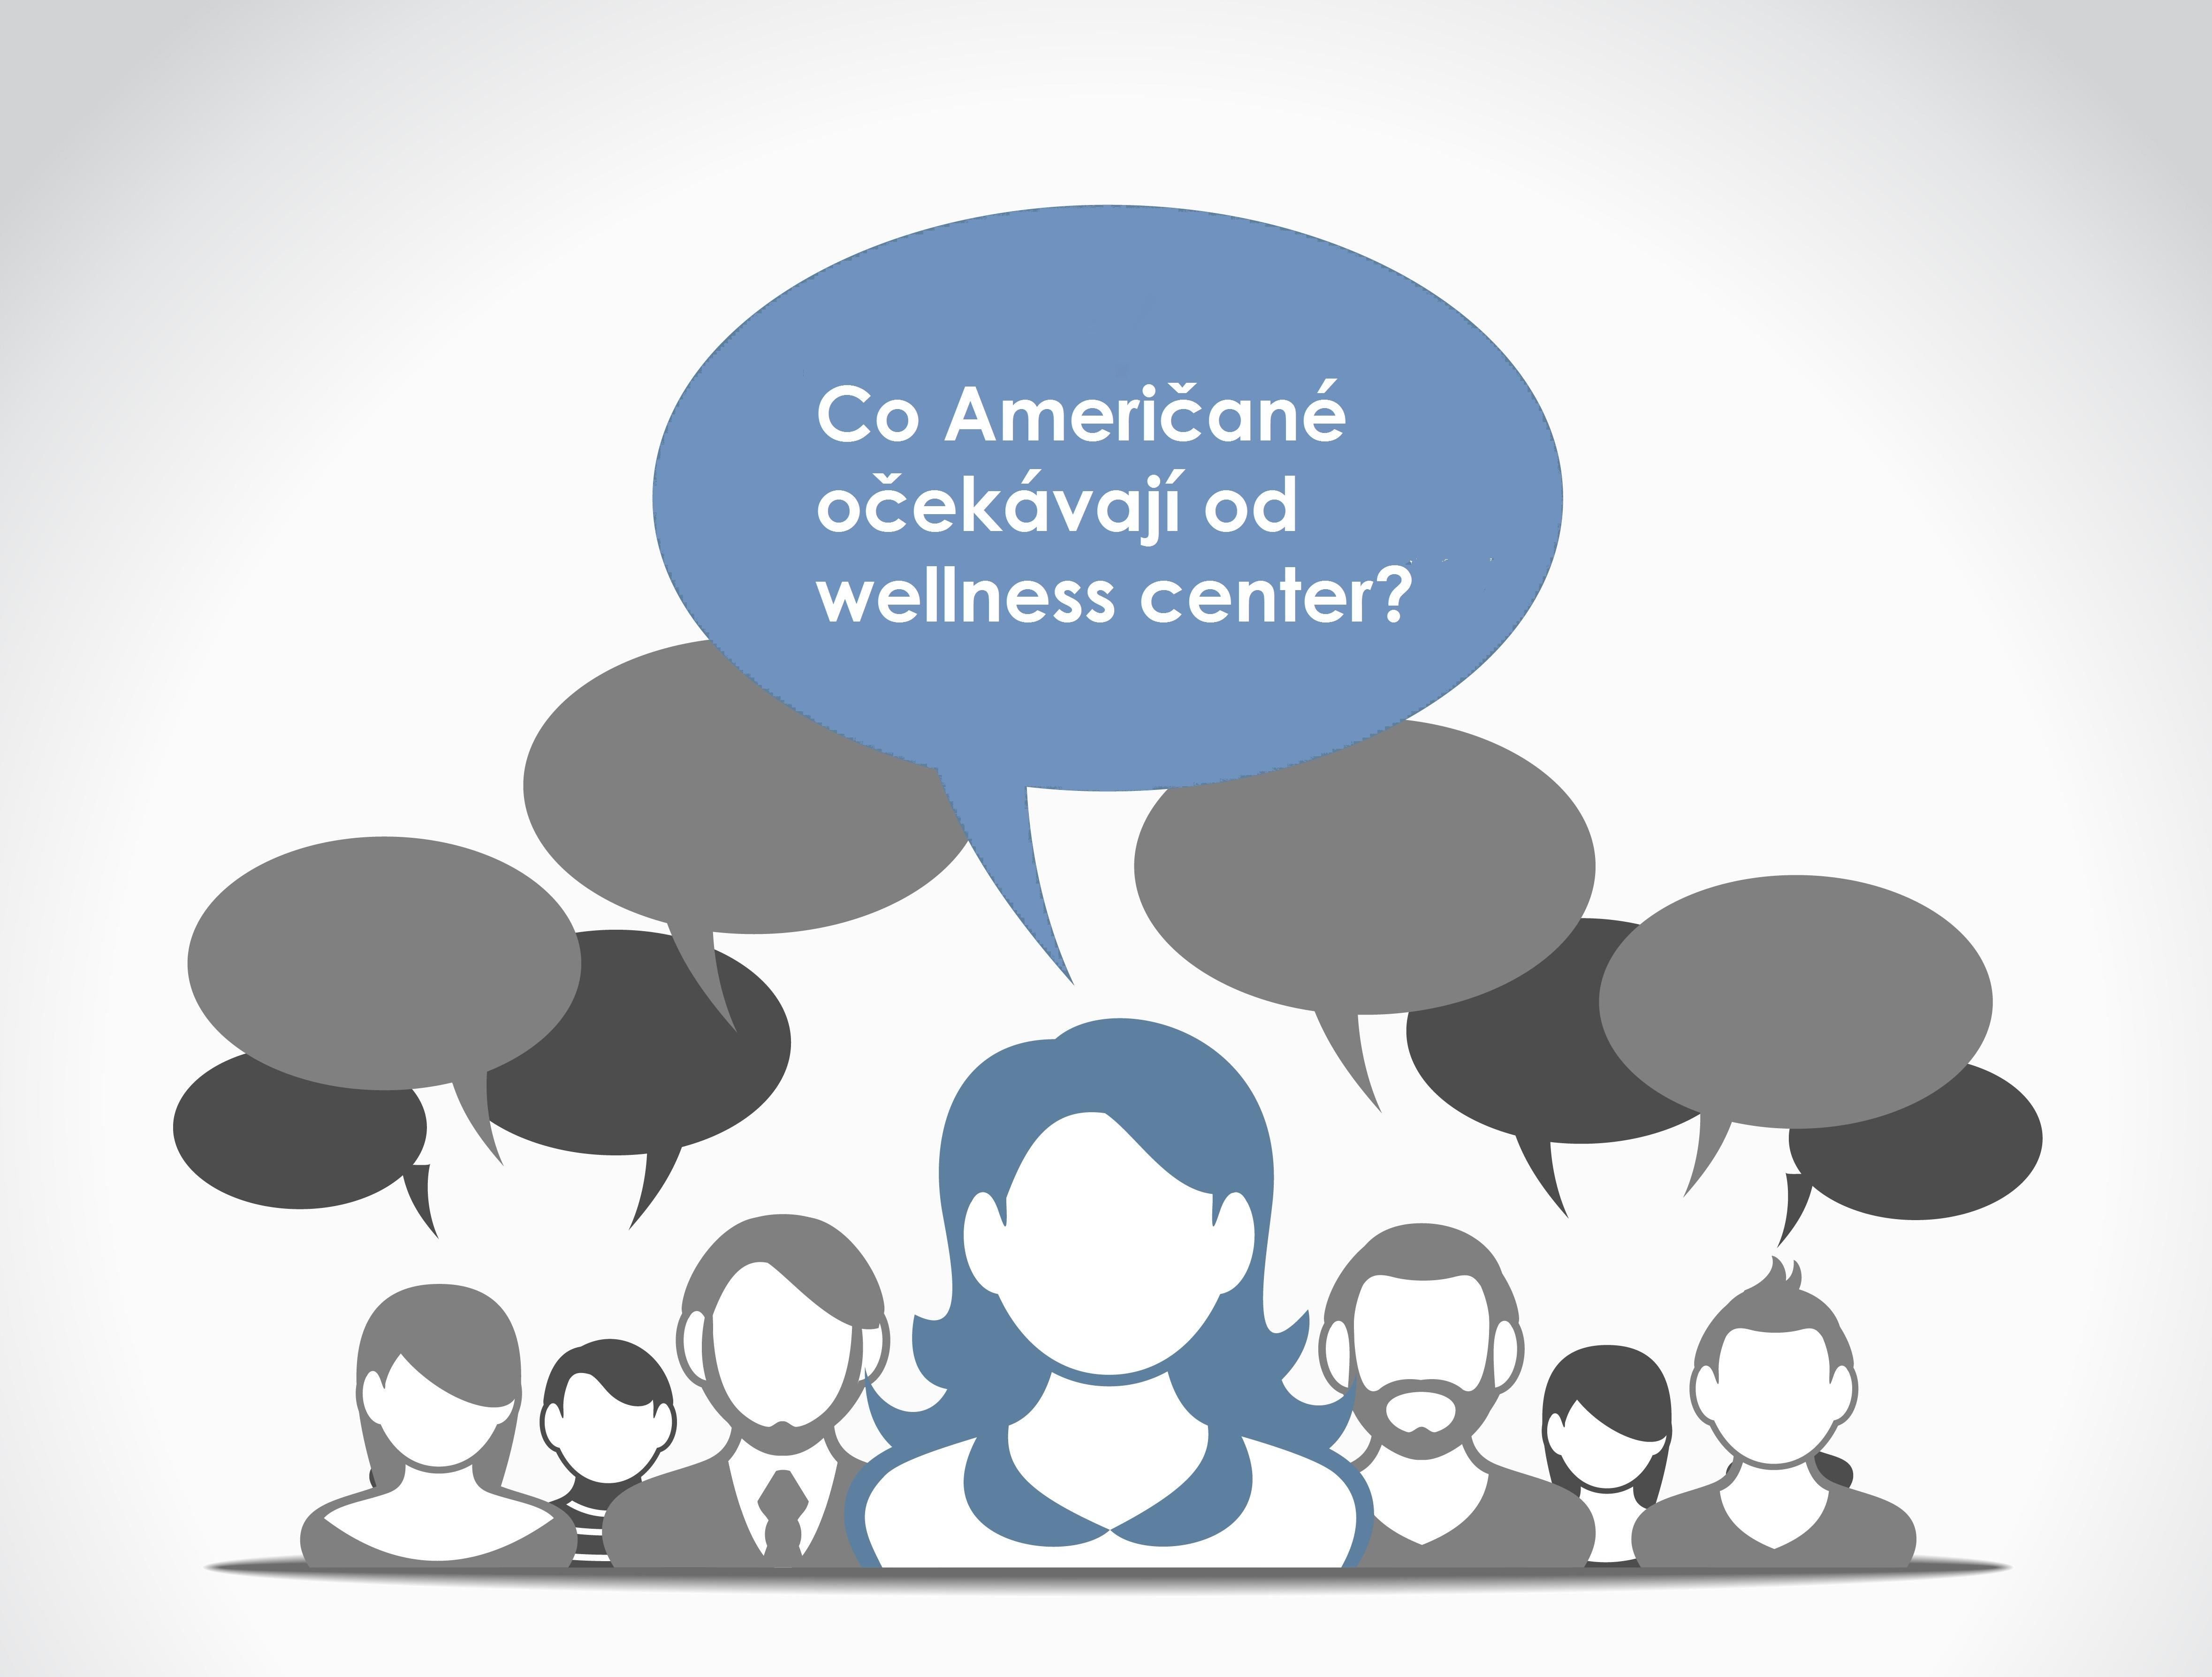 Co očekávaj Američané od wellness center zeptala jsem se